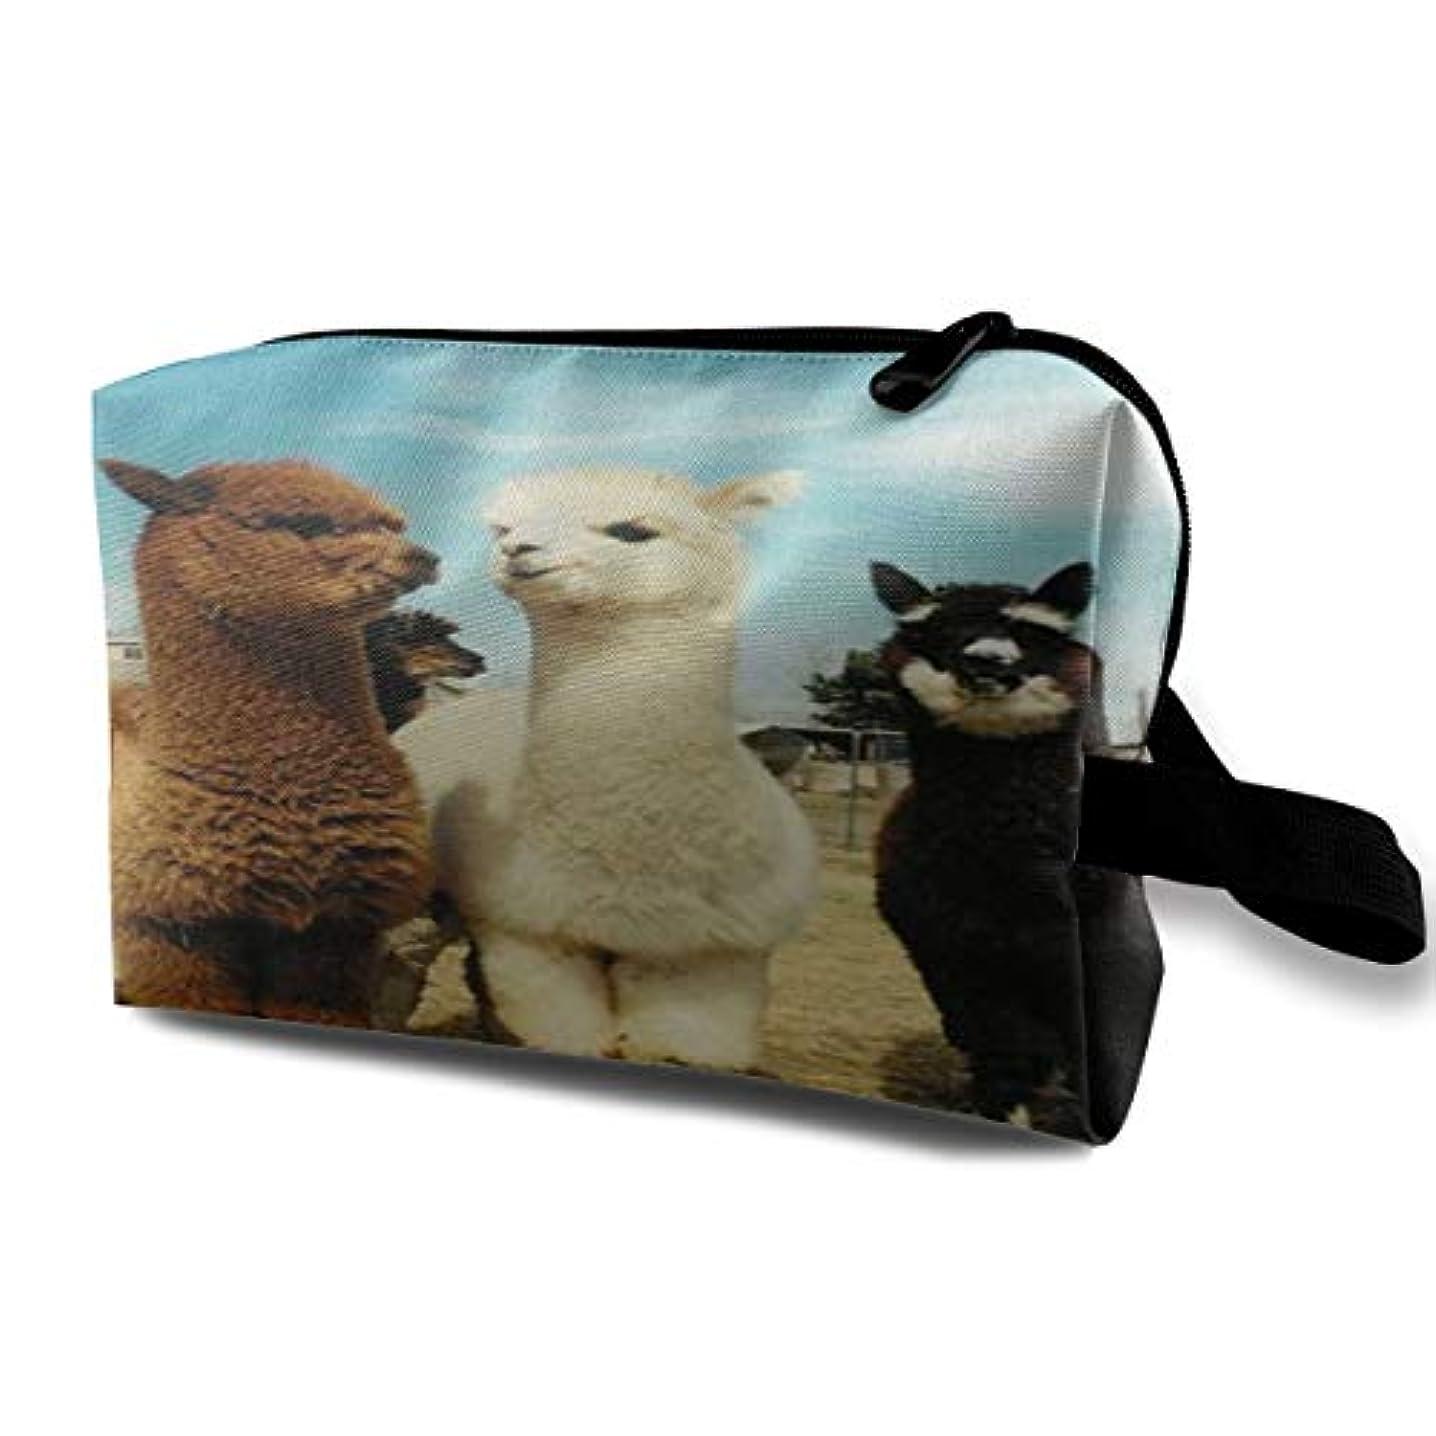 ブランク証人スクレーパーCute Alpaca 収納ポーチ 化粧ポーチ 大容量 軽量 耐久性 ハンドル付持ち運び便利。入れ 自宅?出張?旅行?アウトドア撮影などに対応。メンズ レディース トラベルグッズ